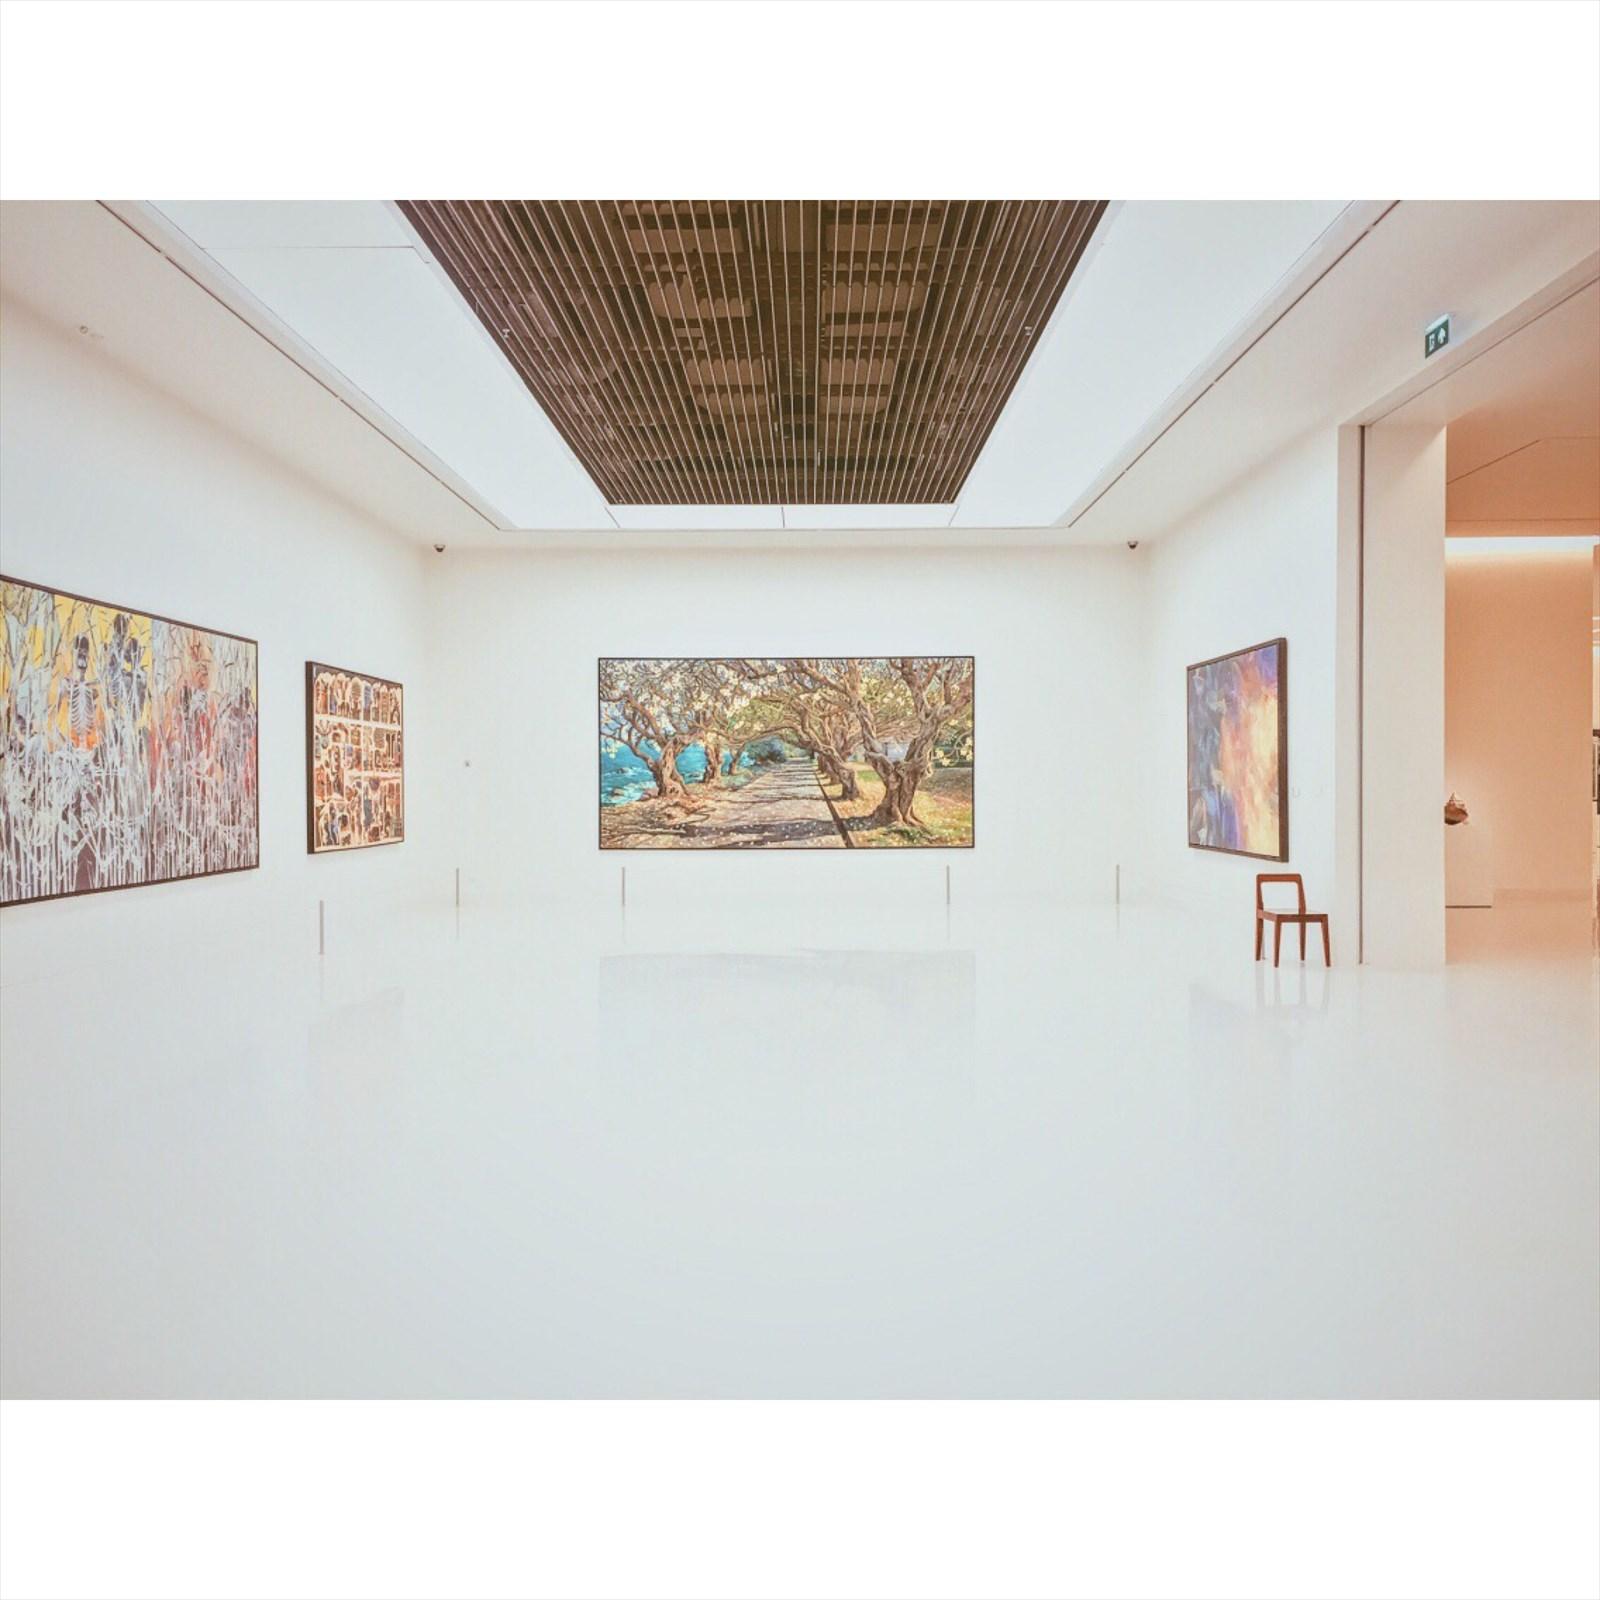 アート超初心者が美術館で作品鑑賞を2倍楽しむポイントとは?